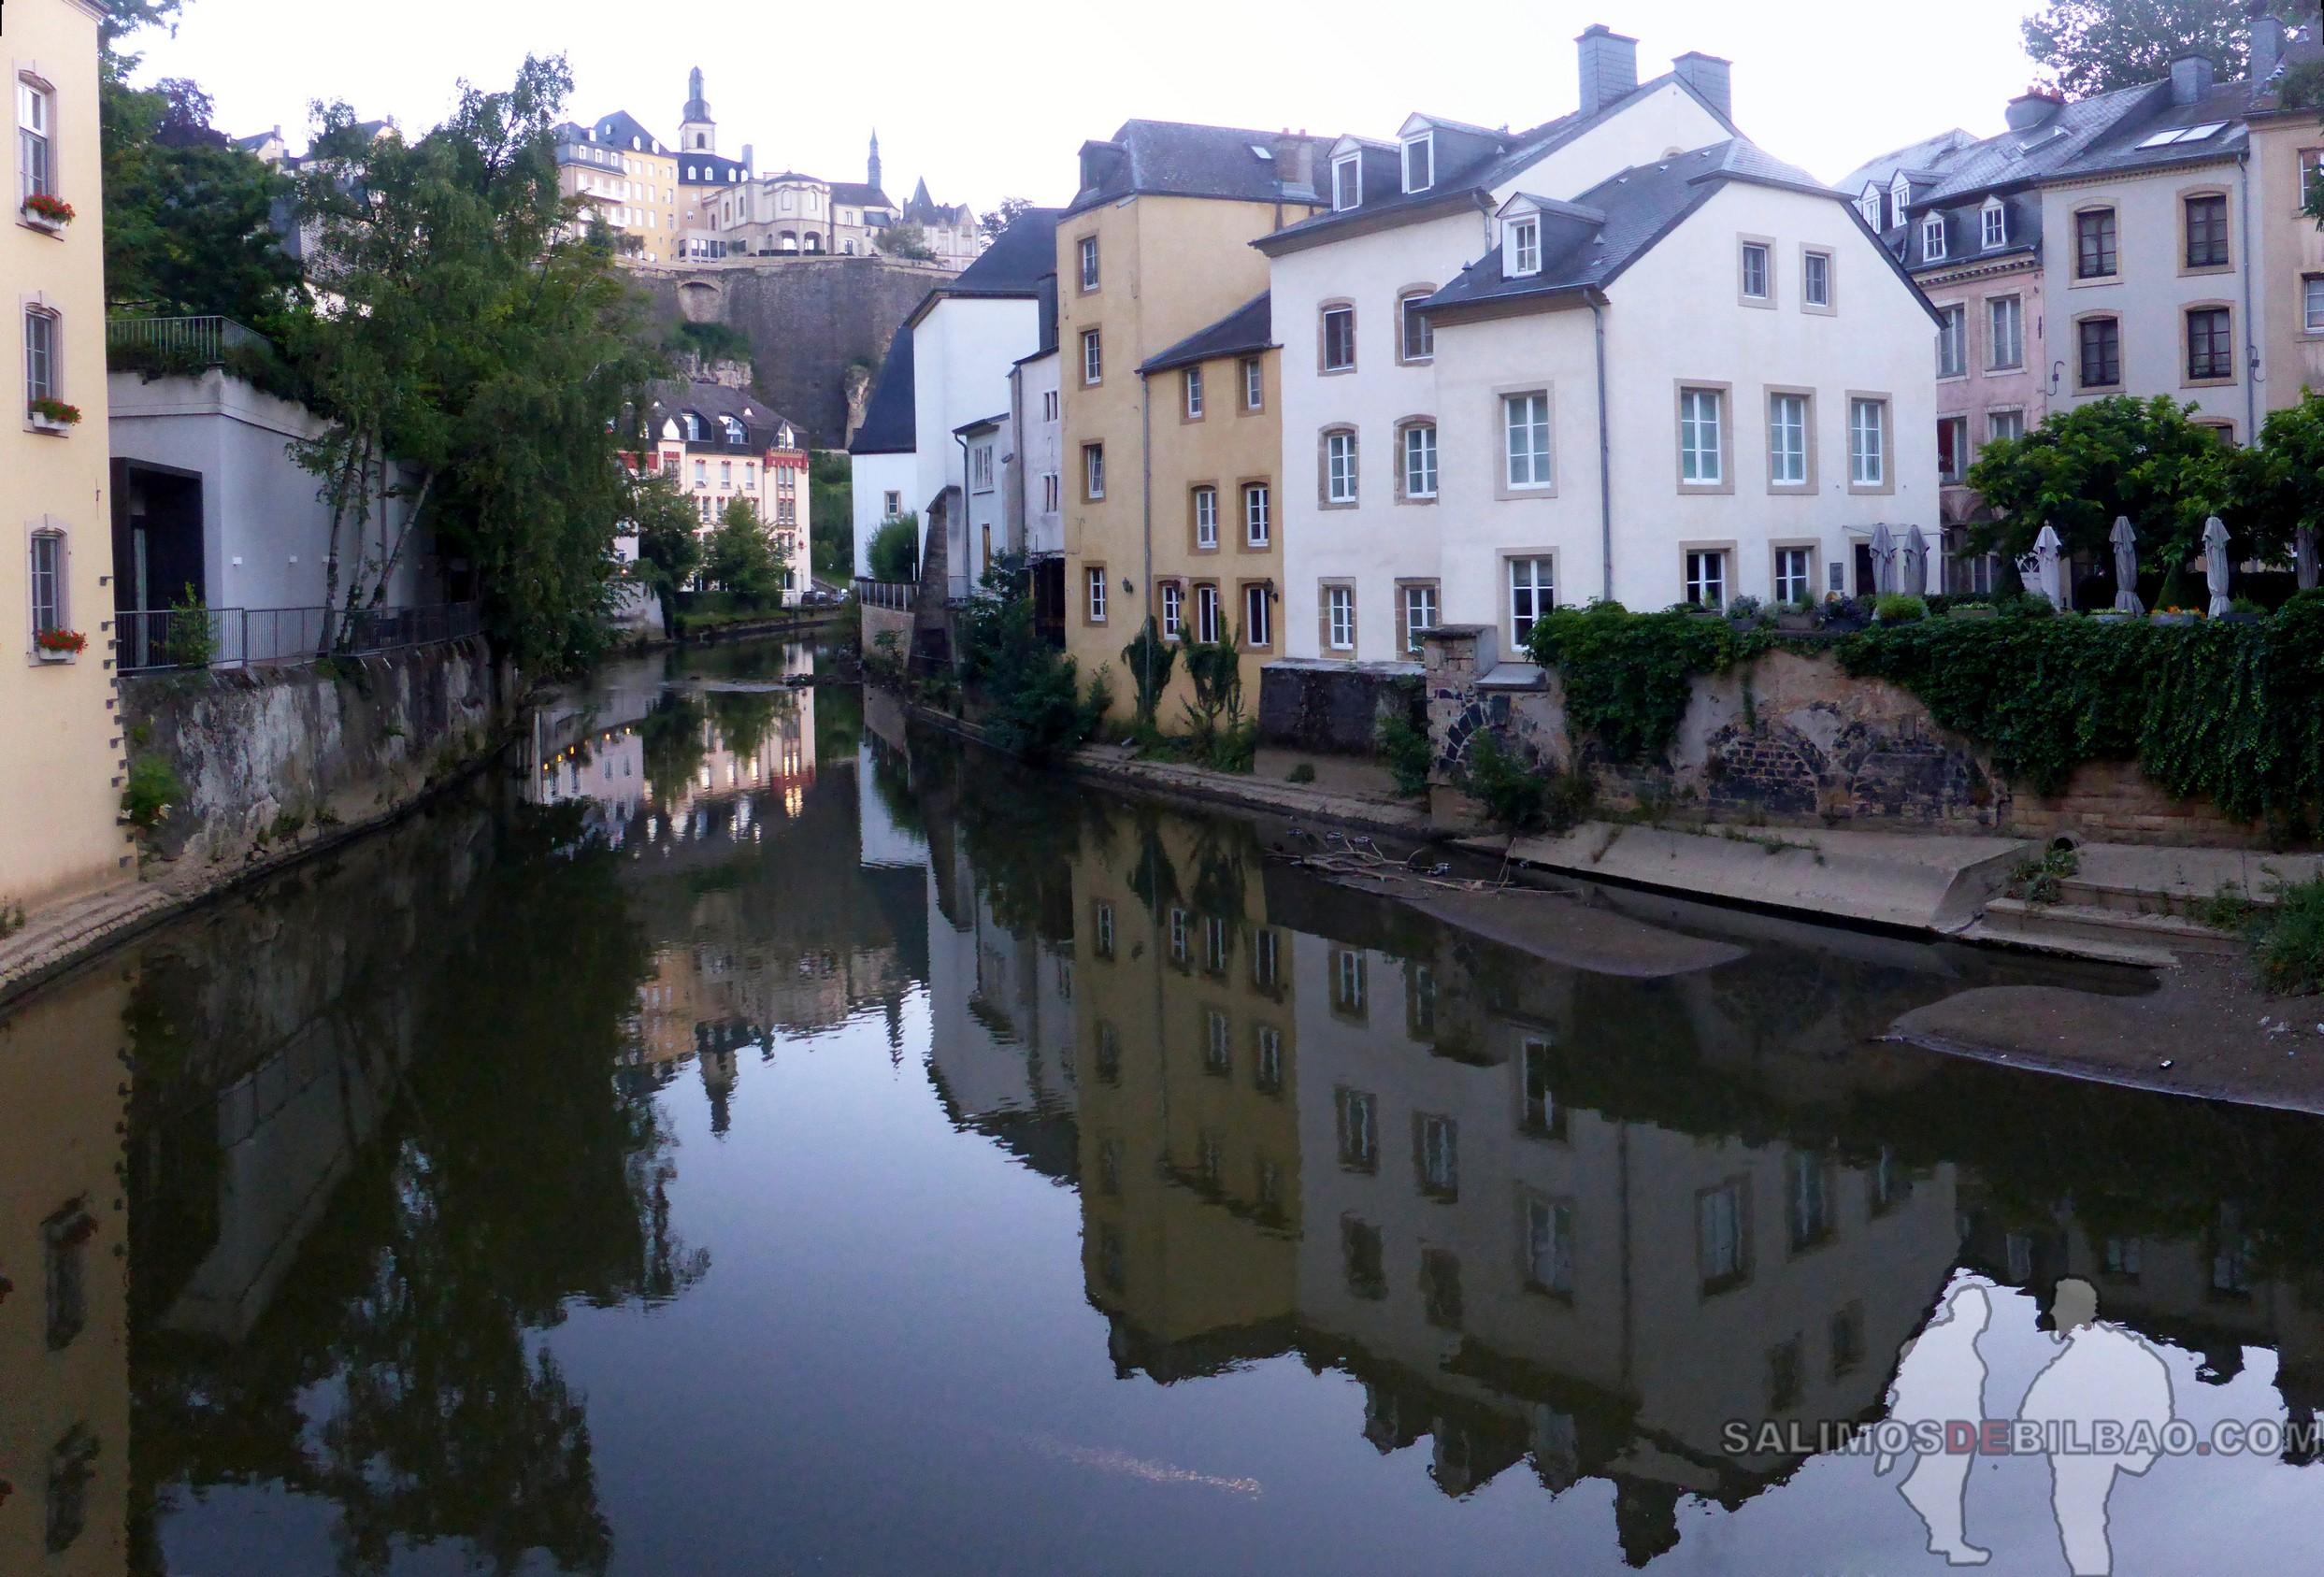 015. Pano, Río Alzette, Barrio Bajo, Luxemburgo